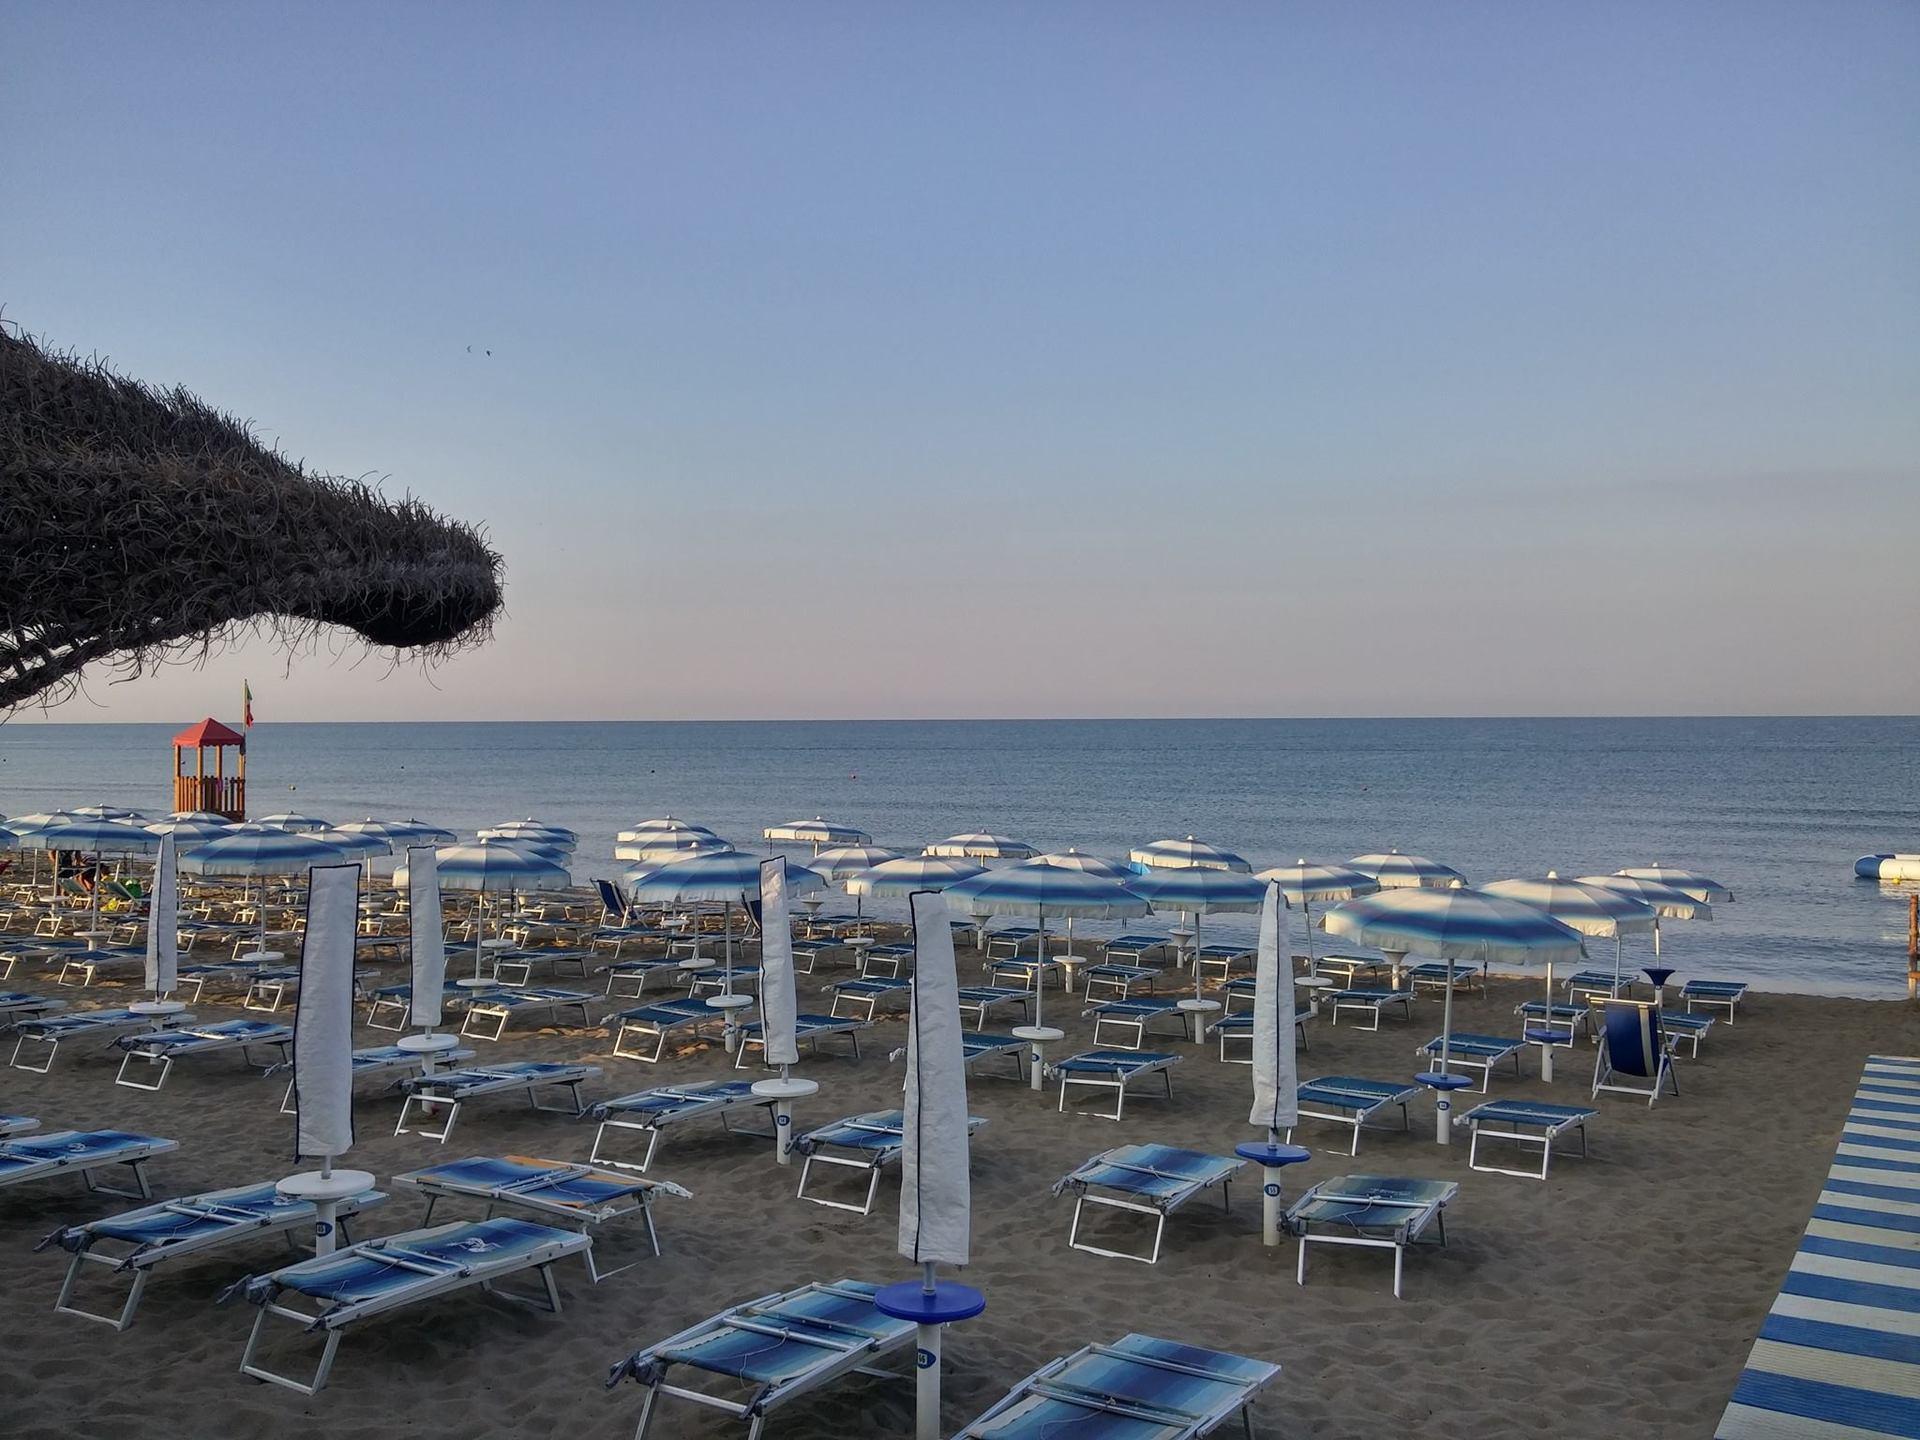 vista di ombrelloni e del mare